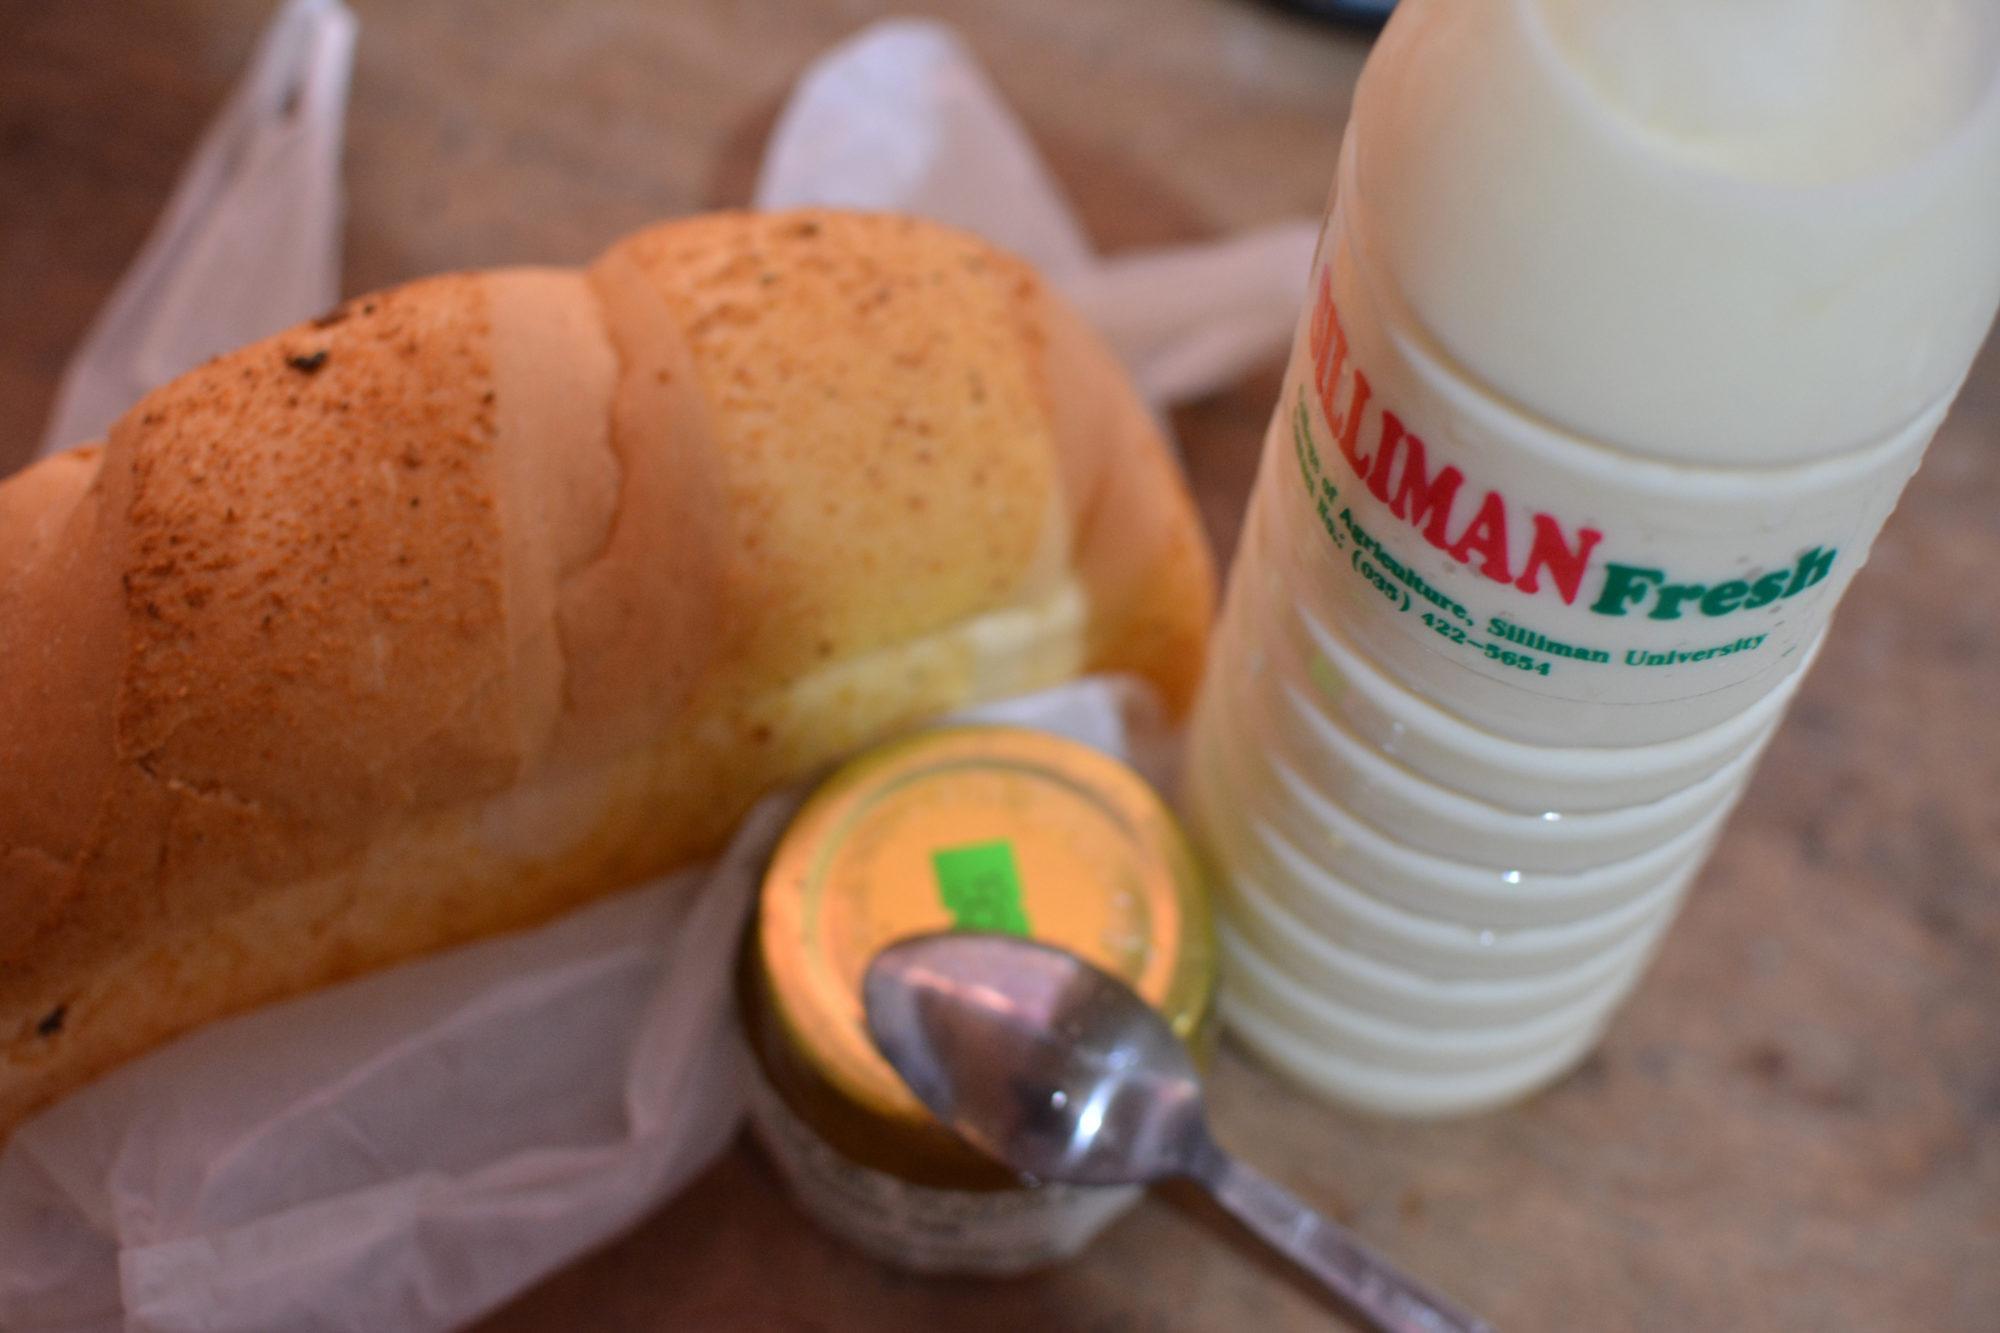 シリマン大学の農場に行ってみよう、フレッシュな食料が購入できるよ!